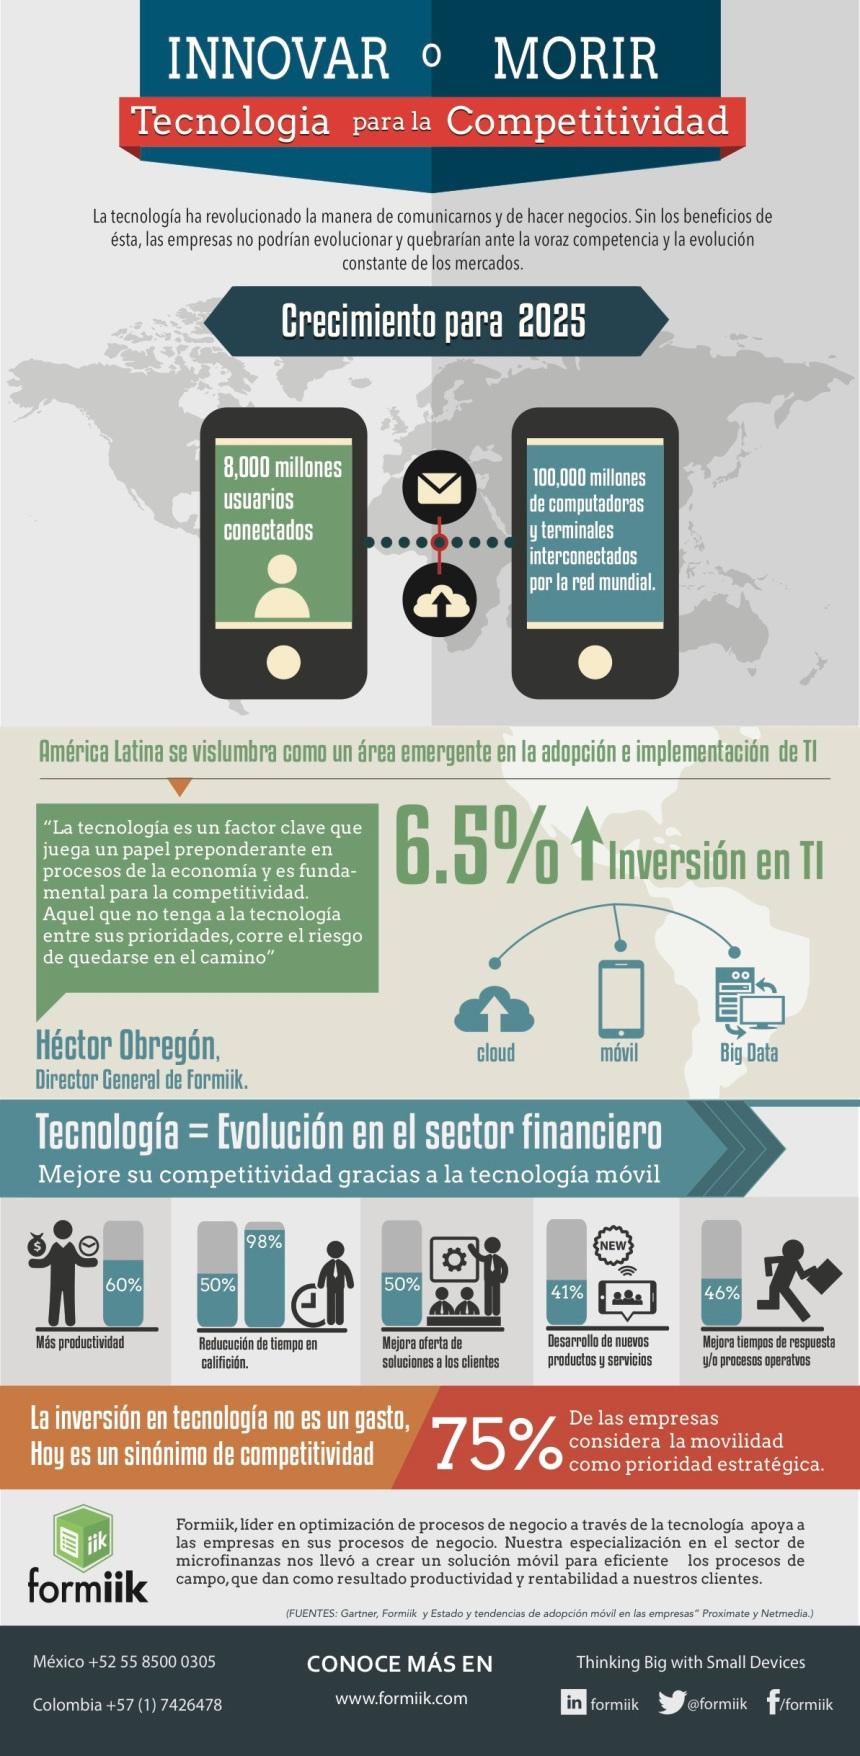 Innovar o morir: tecnología para la competitividad